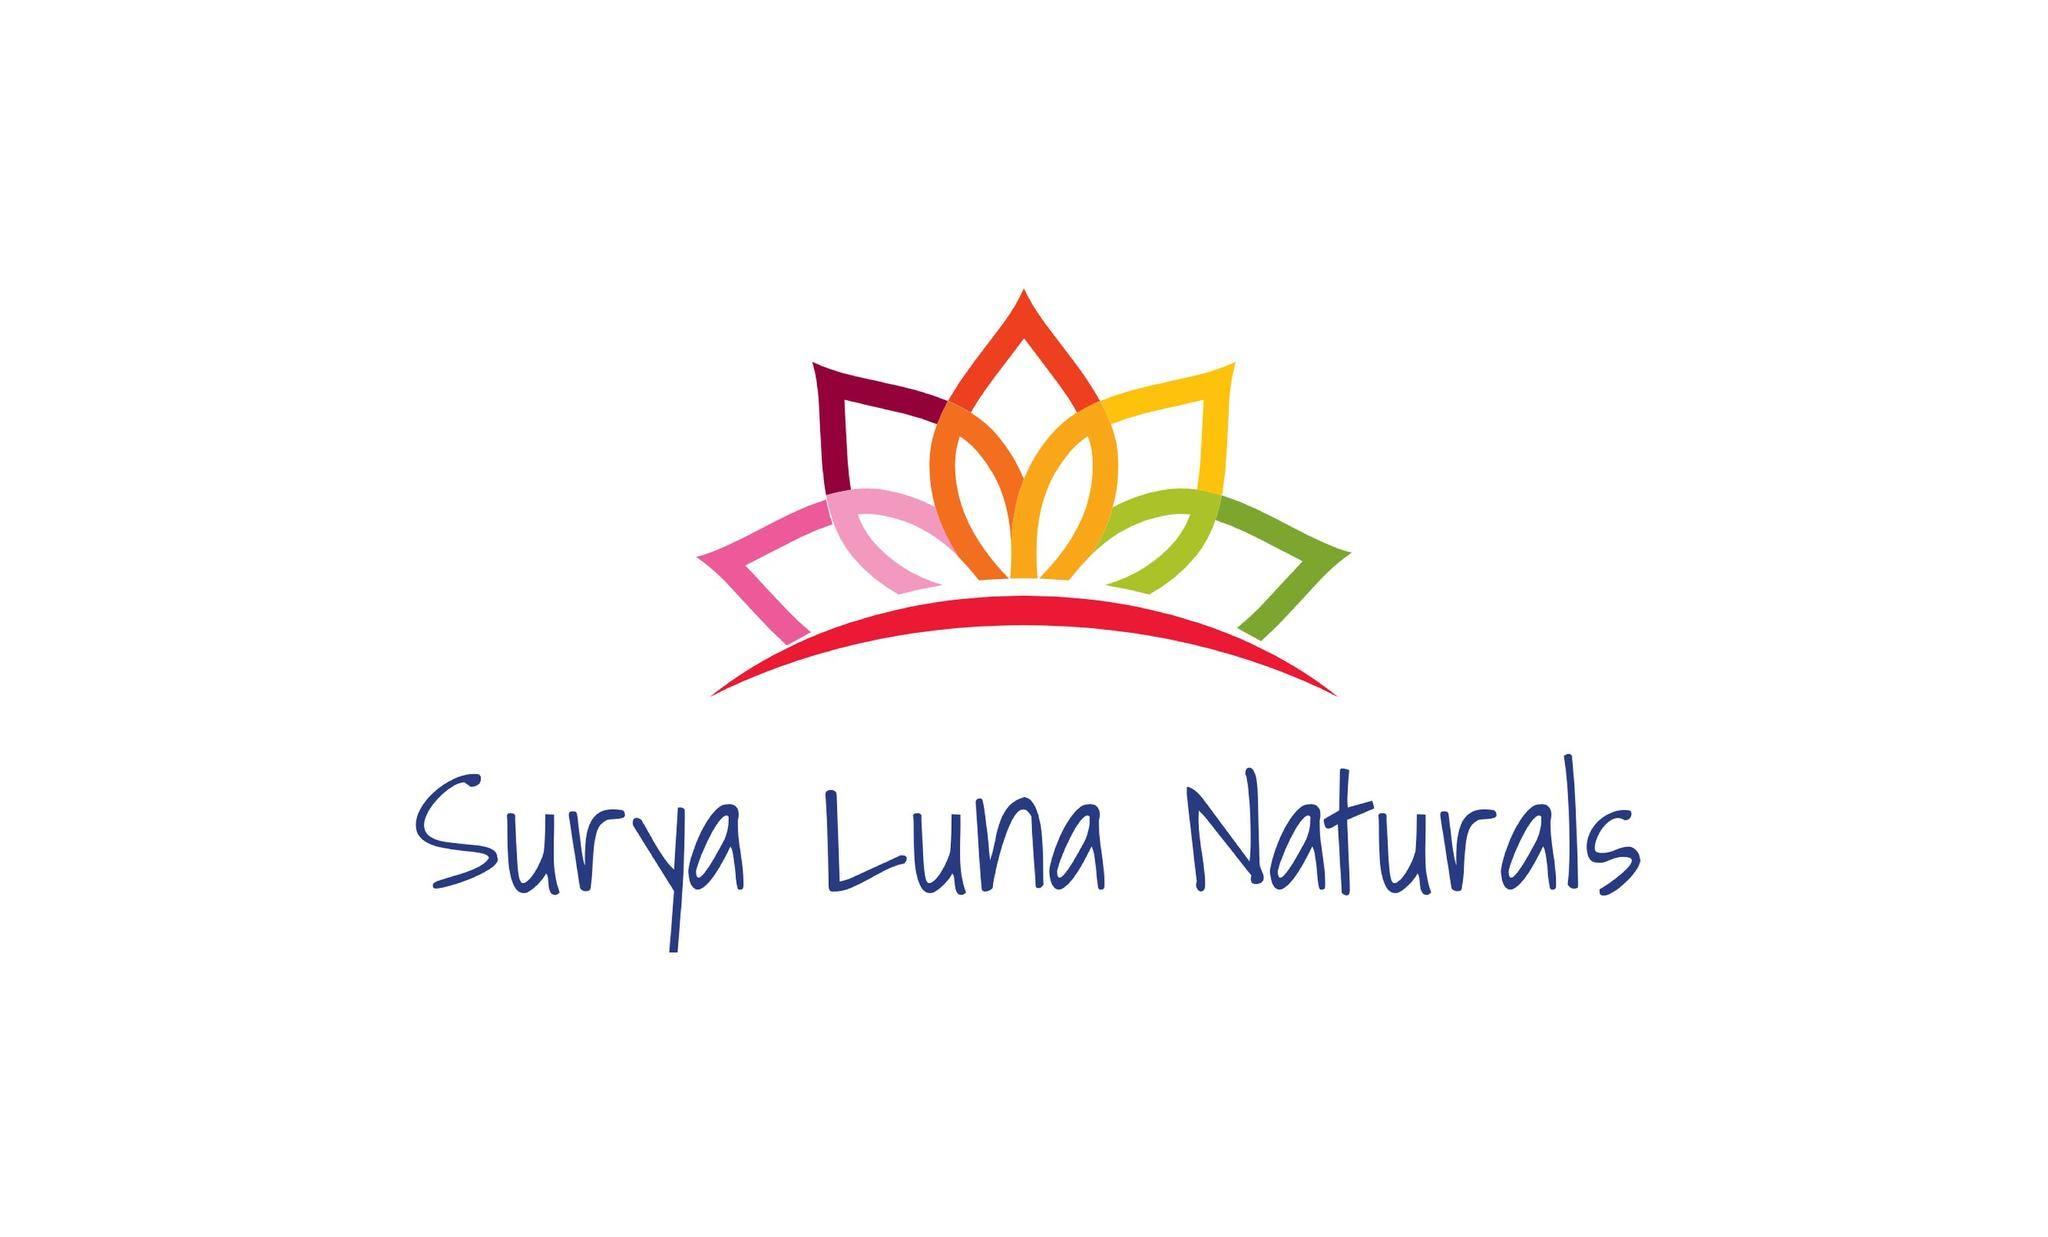 Surya Luna Naturals